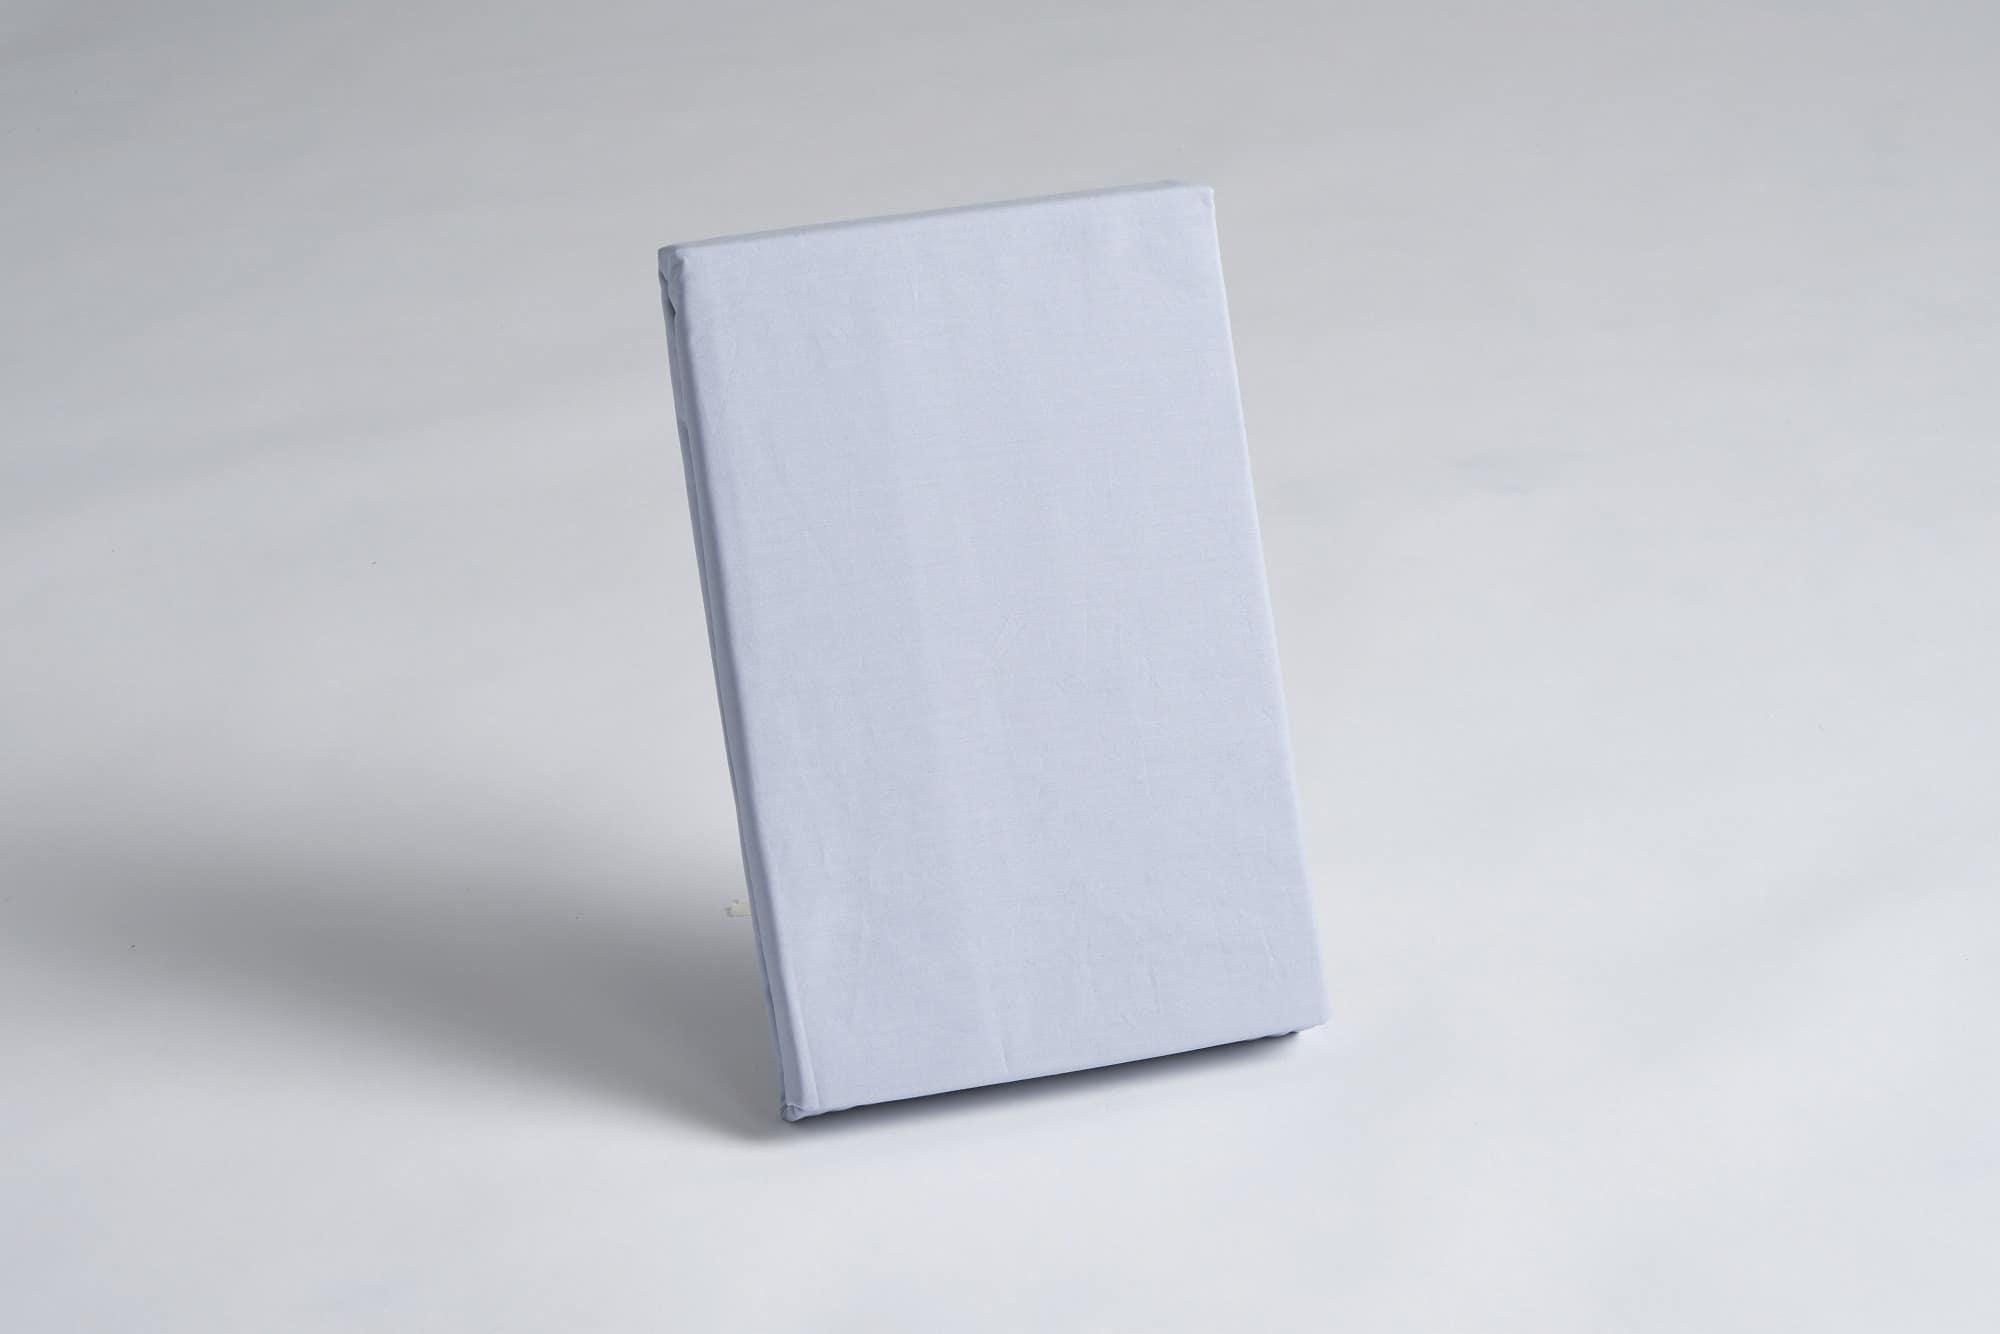 ボックスシーツ キング2用 30H ブルー:《綿100%を使用したボックスシーツ》